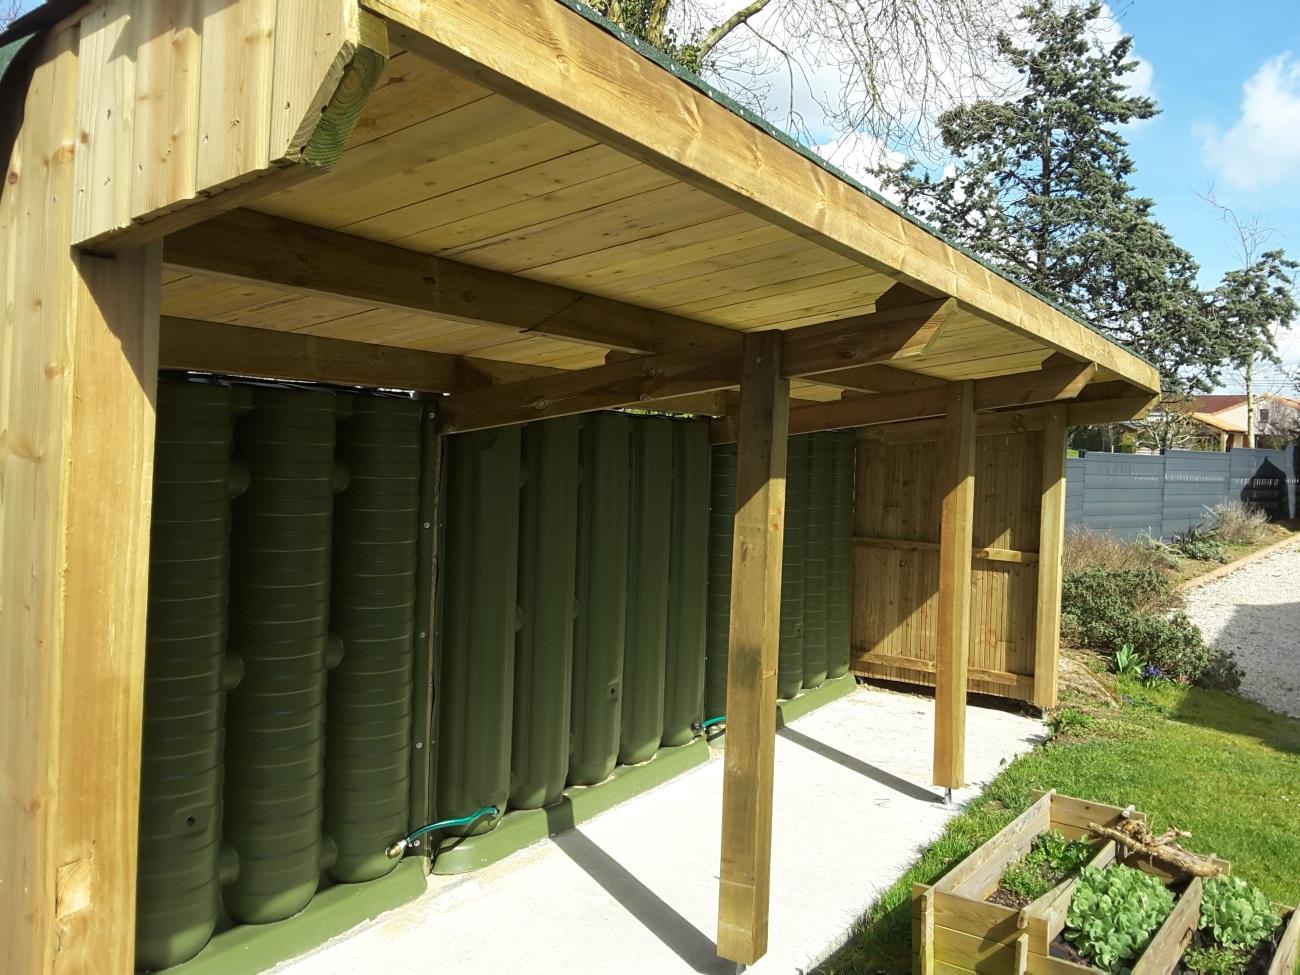 Construire Abris Bois abris bois et réserve d'eau : loire - atlantique. - ecol'eaumur